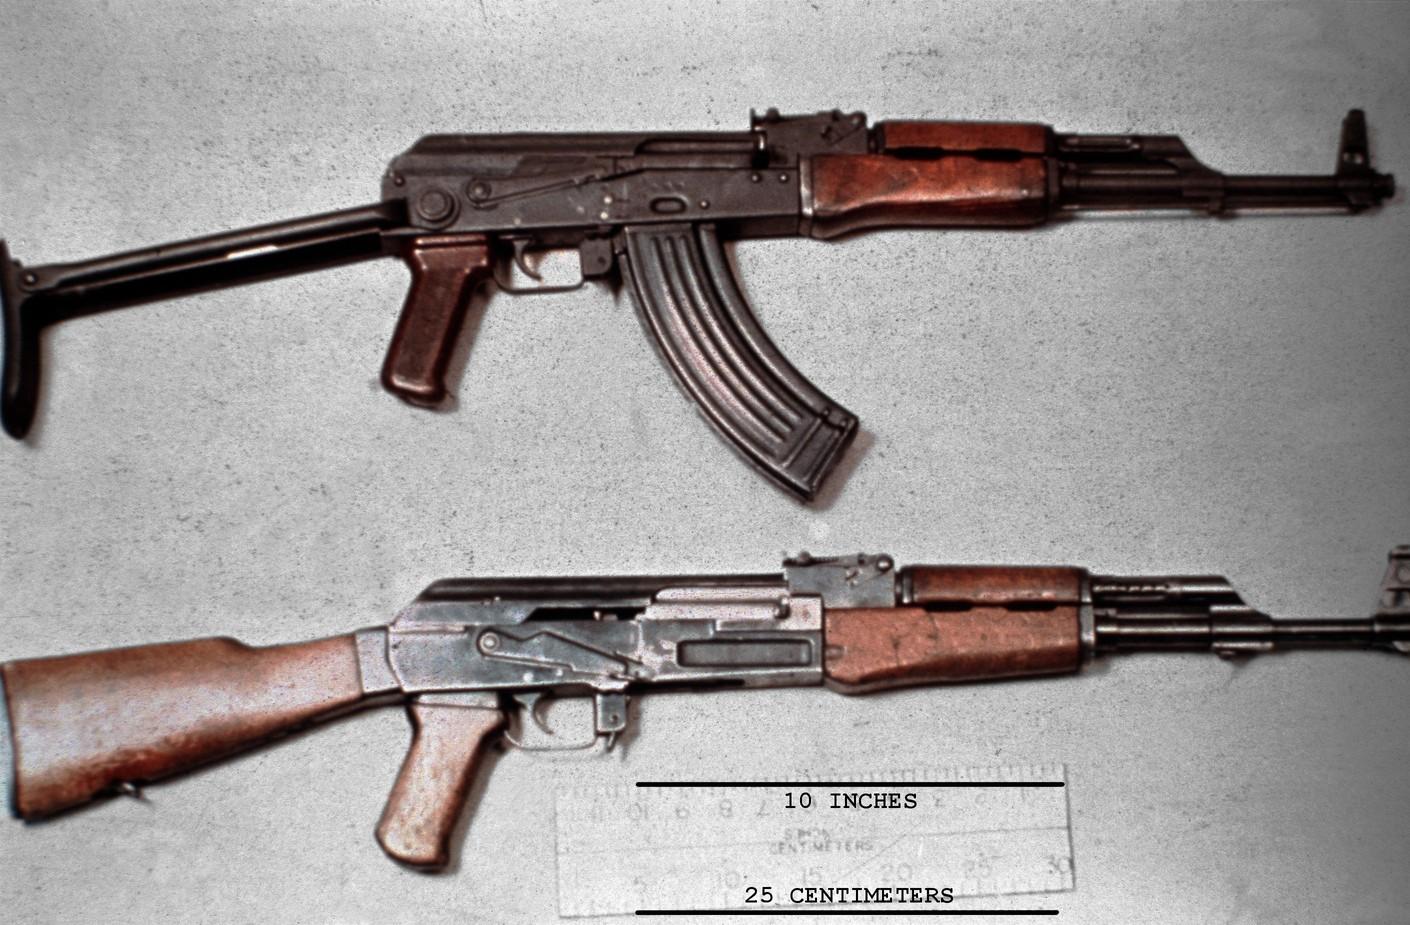 AK 47 and AKMS